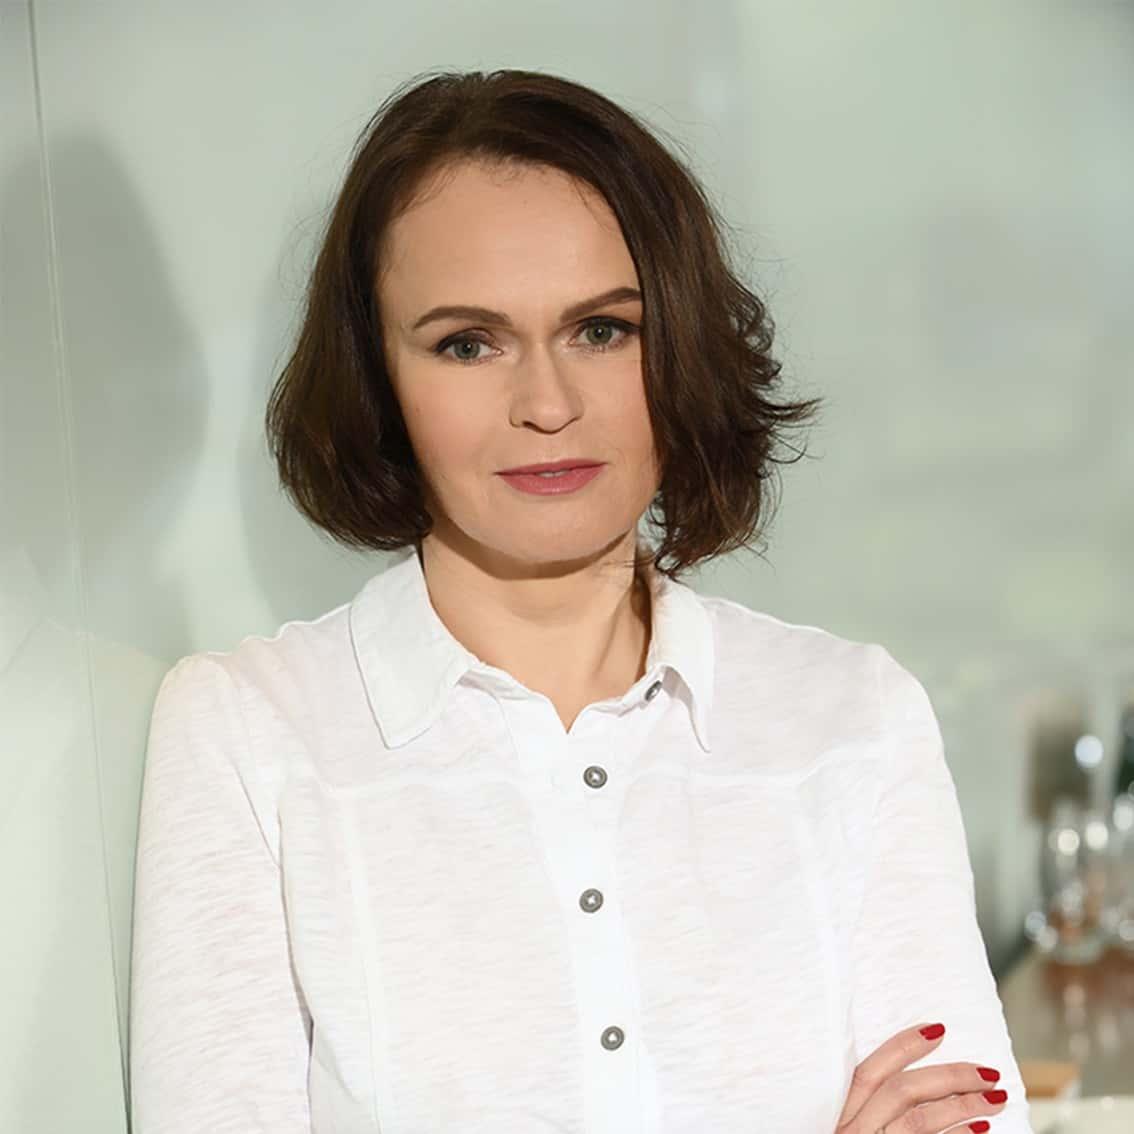 Małgorzata Sztejter